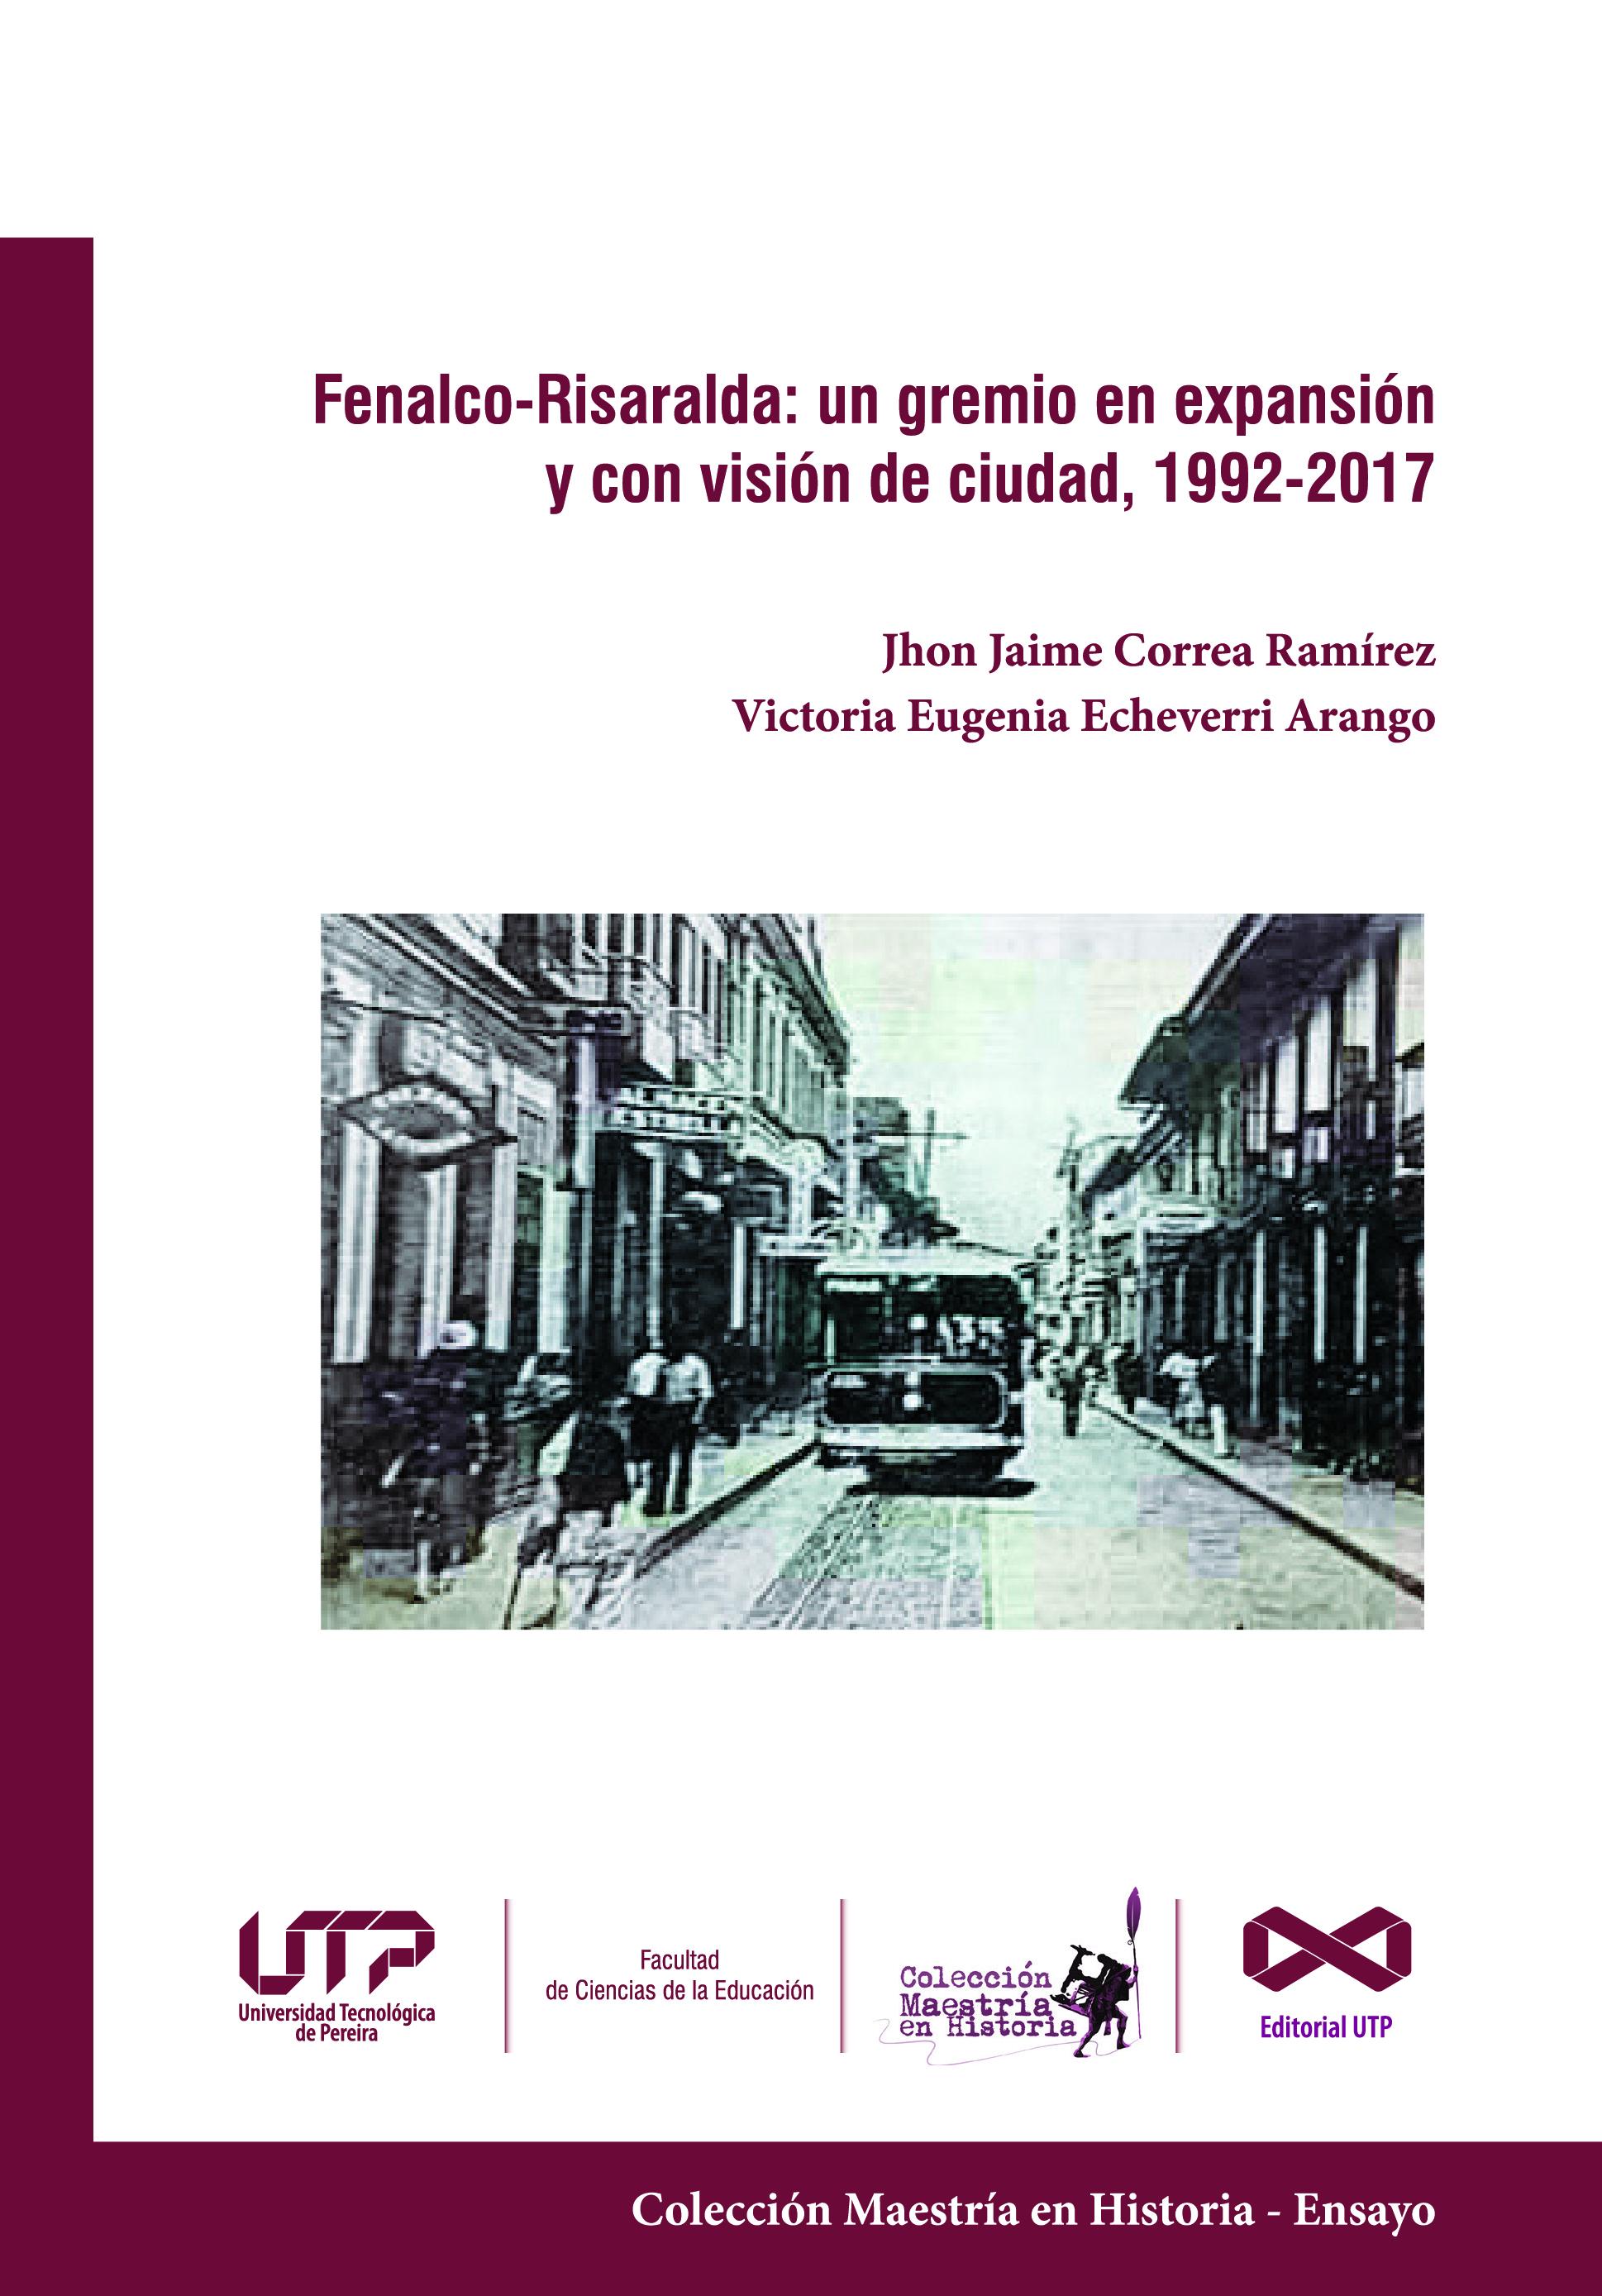 Fenalco Risaralda 1992 - 2017 : un gremio en expansión y con visión de ciudad. Comercio en Pereira y memoria de ciudad